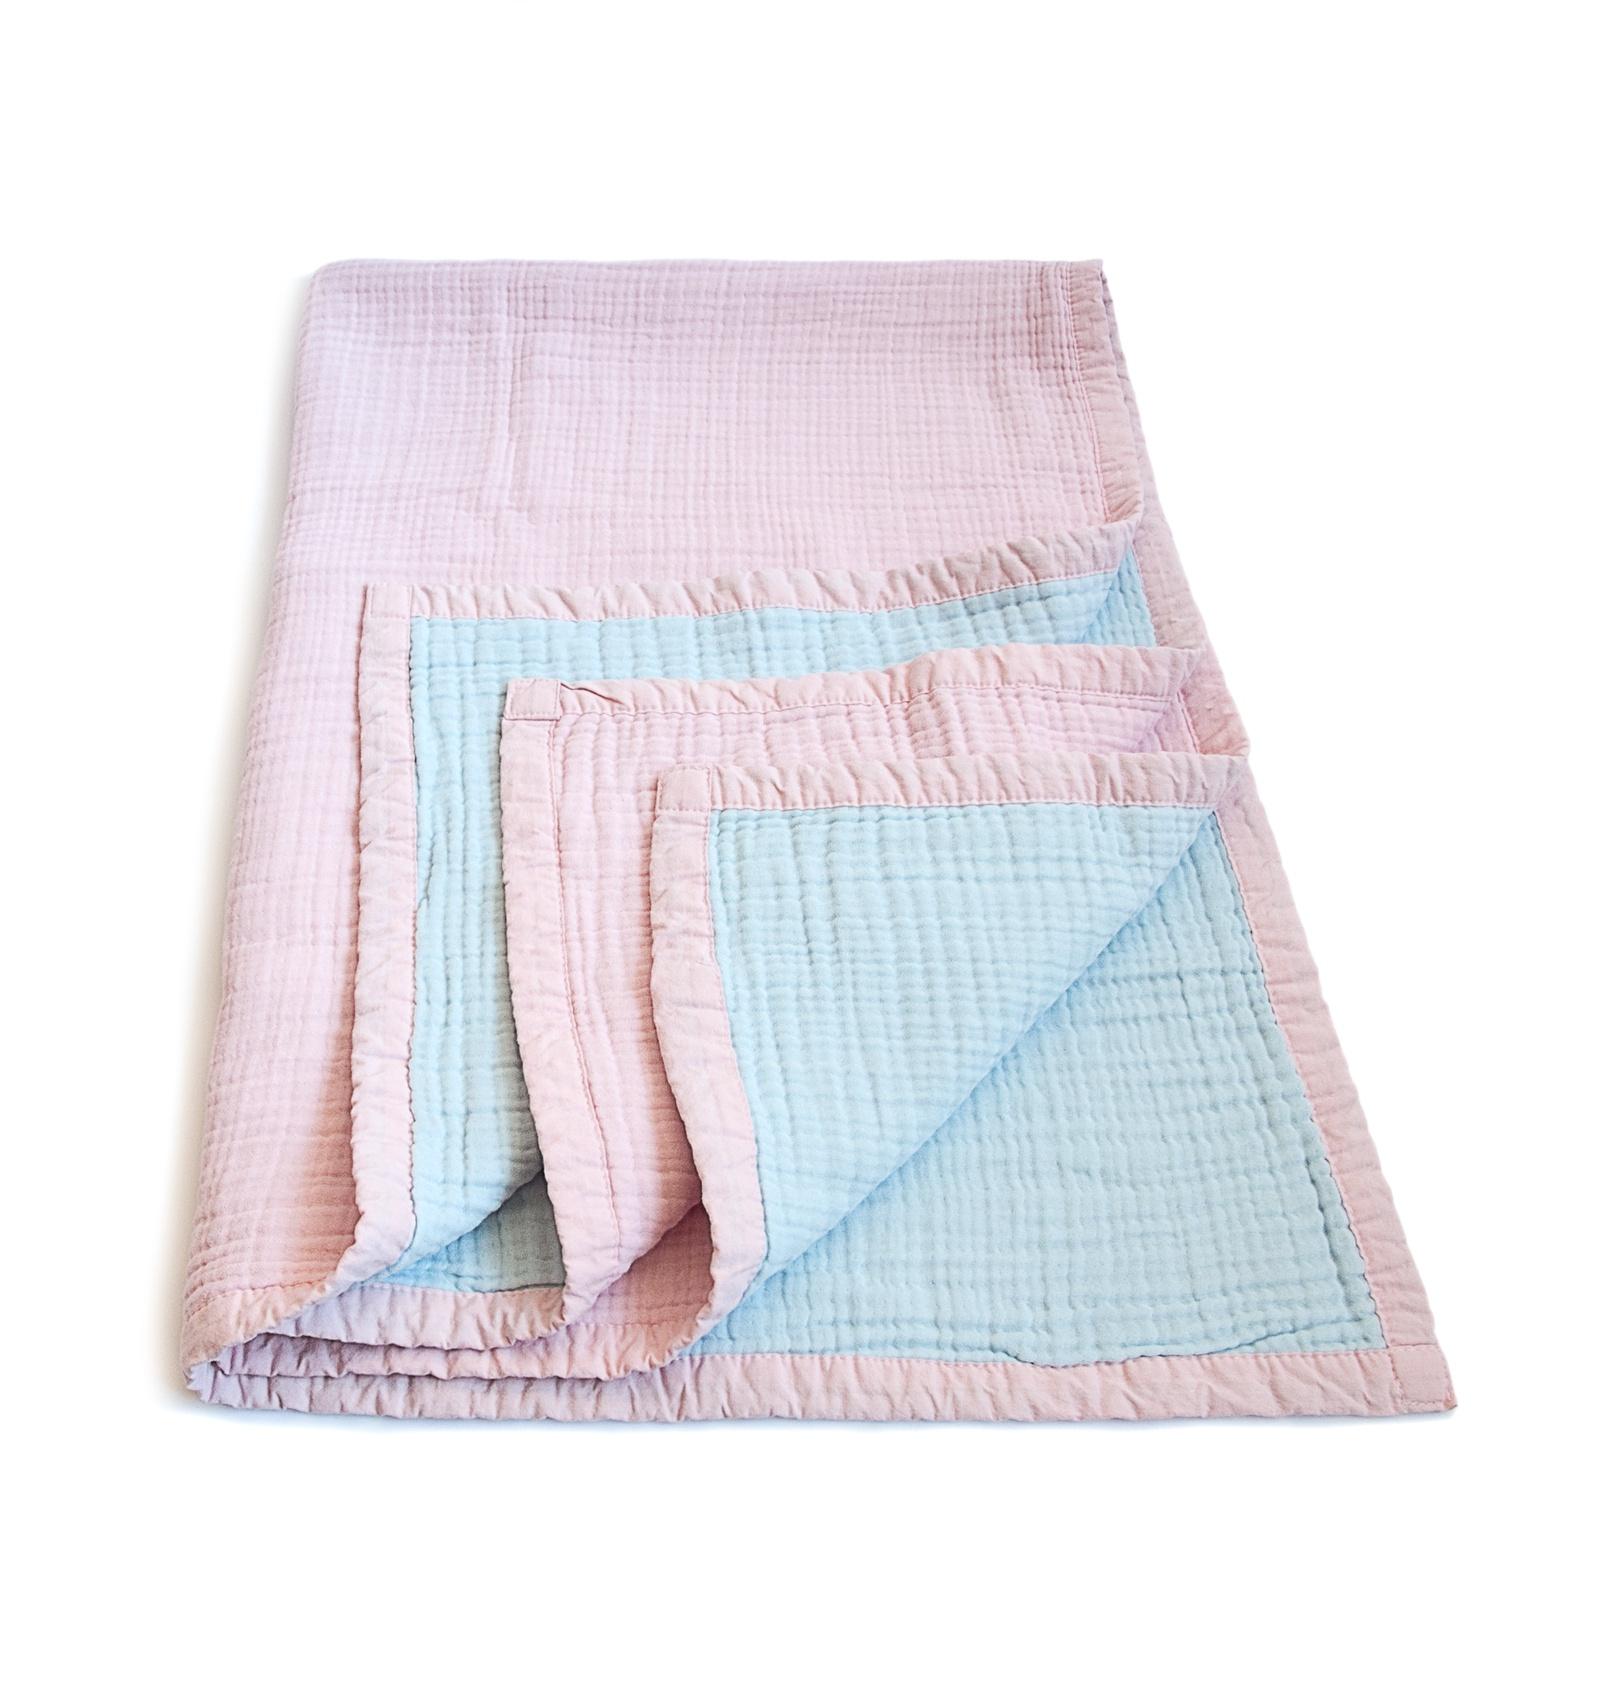 Муслиновое одеяло MamSi 8 слоев 120х90см розов-голубой